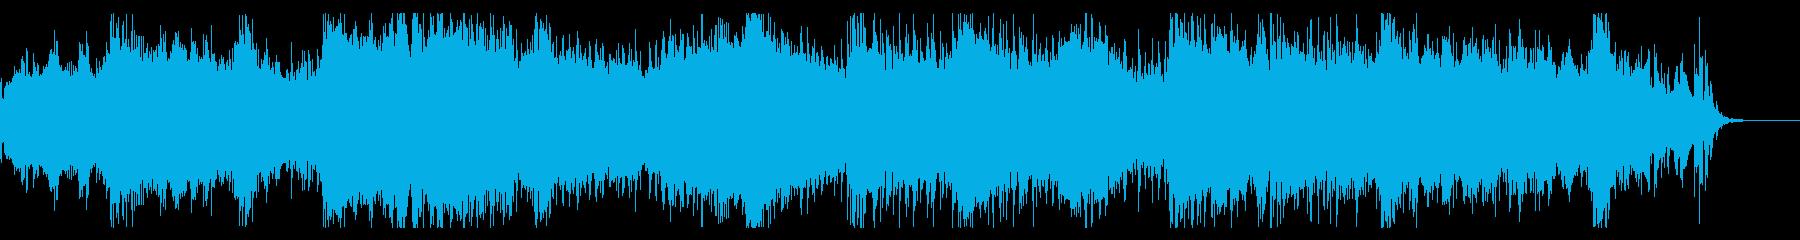 不気味なアンビエントテクスチャの再生済みの波形